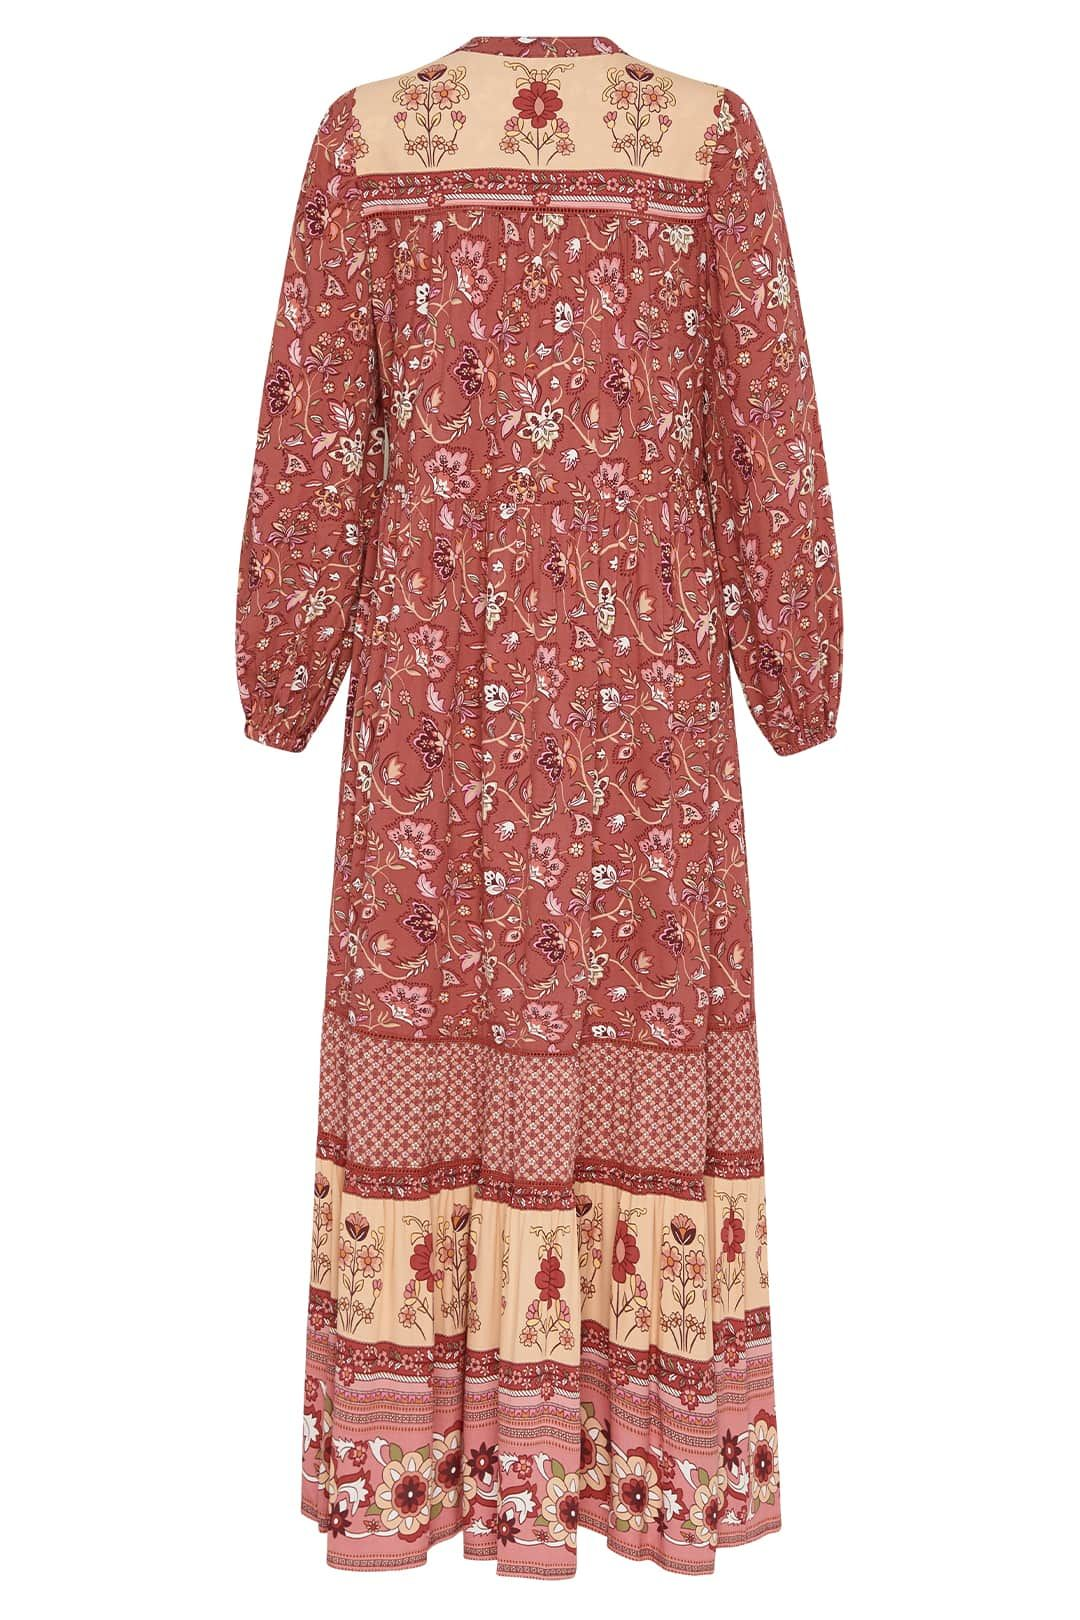 Spell Portobello Road Gown Wine Maxi Length